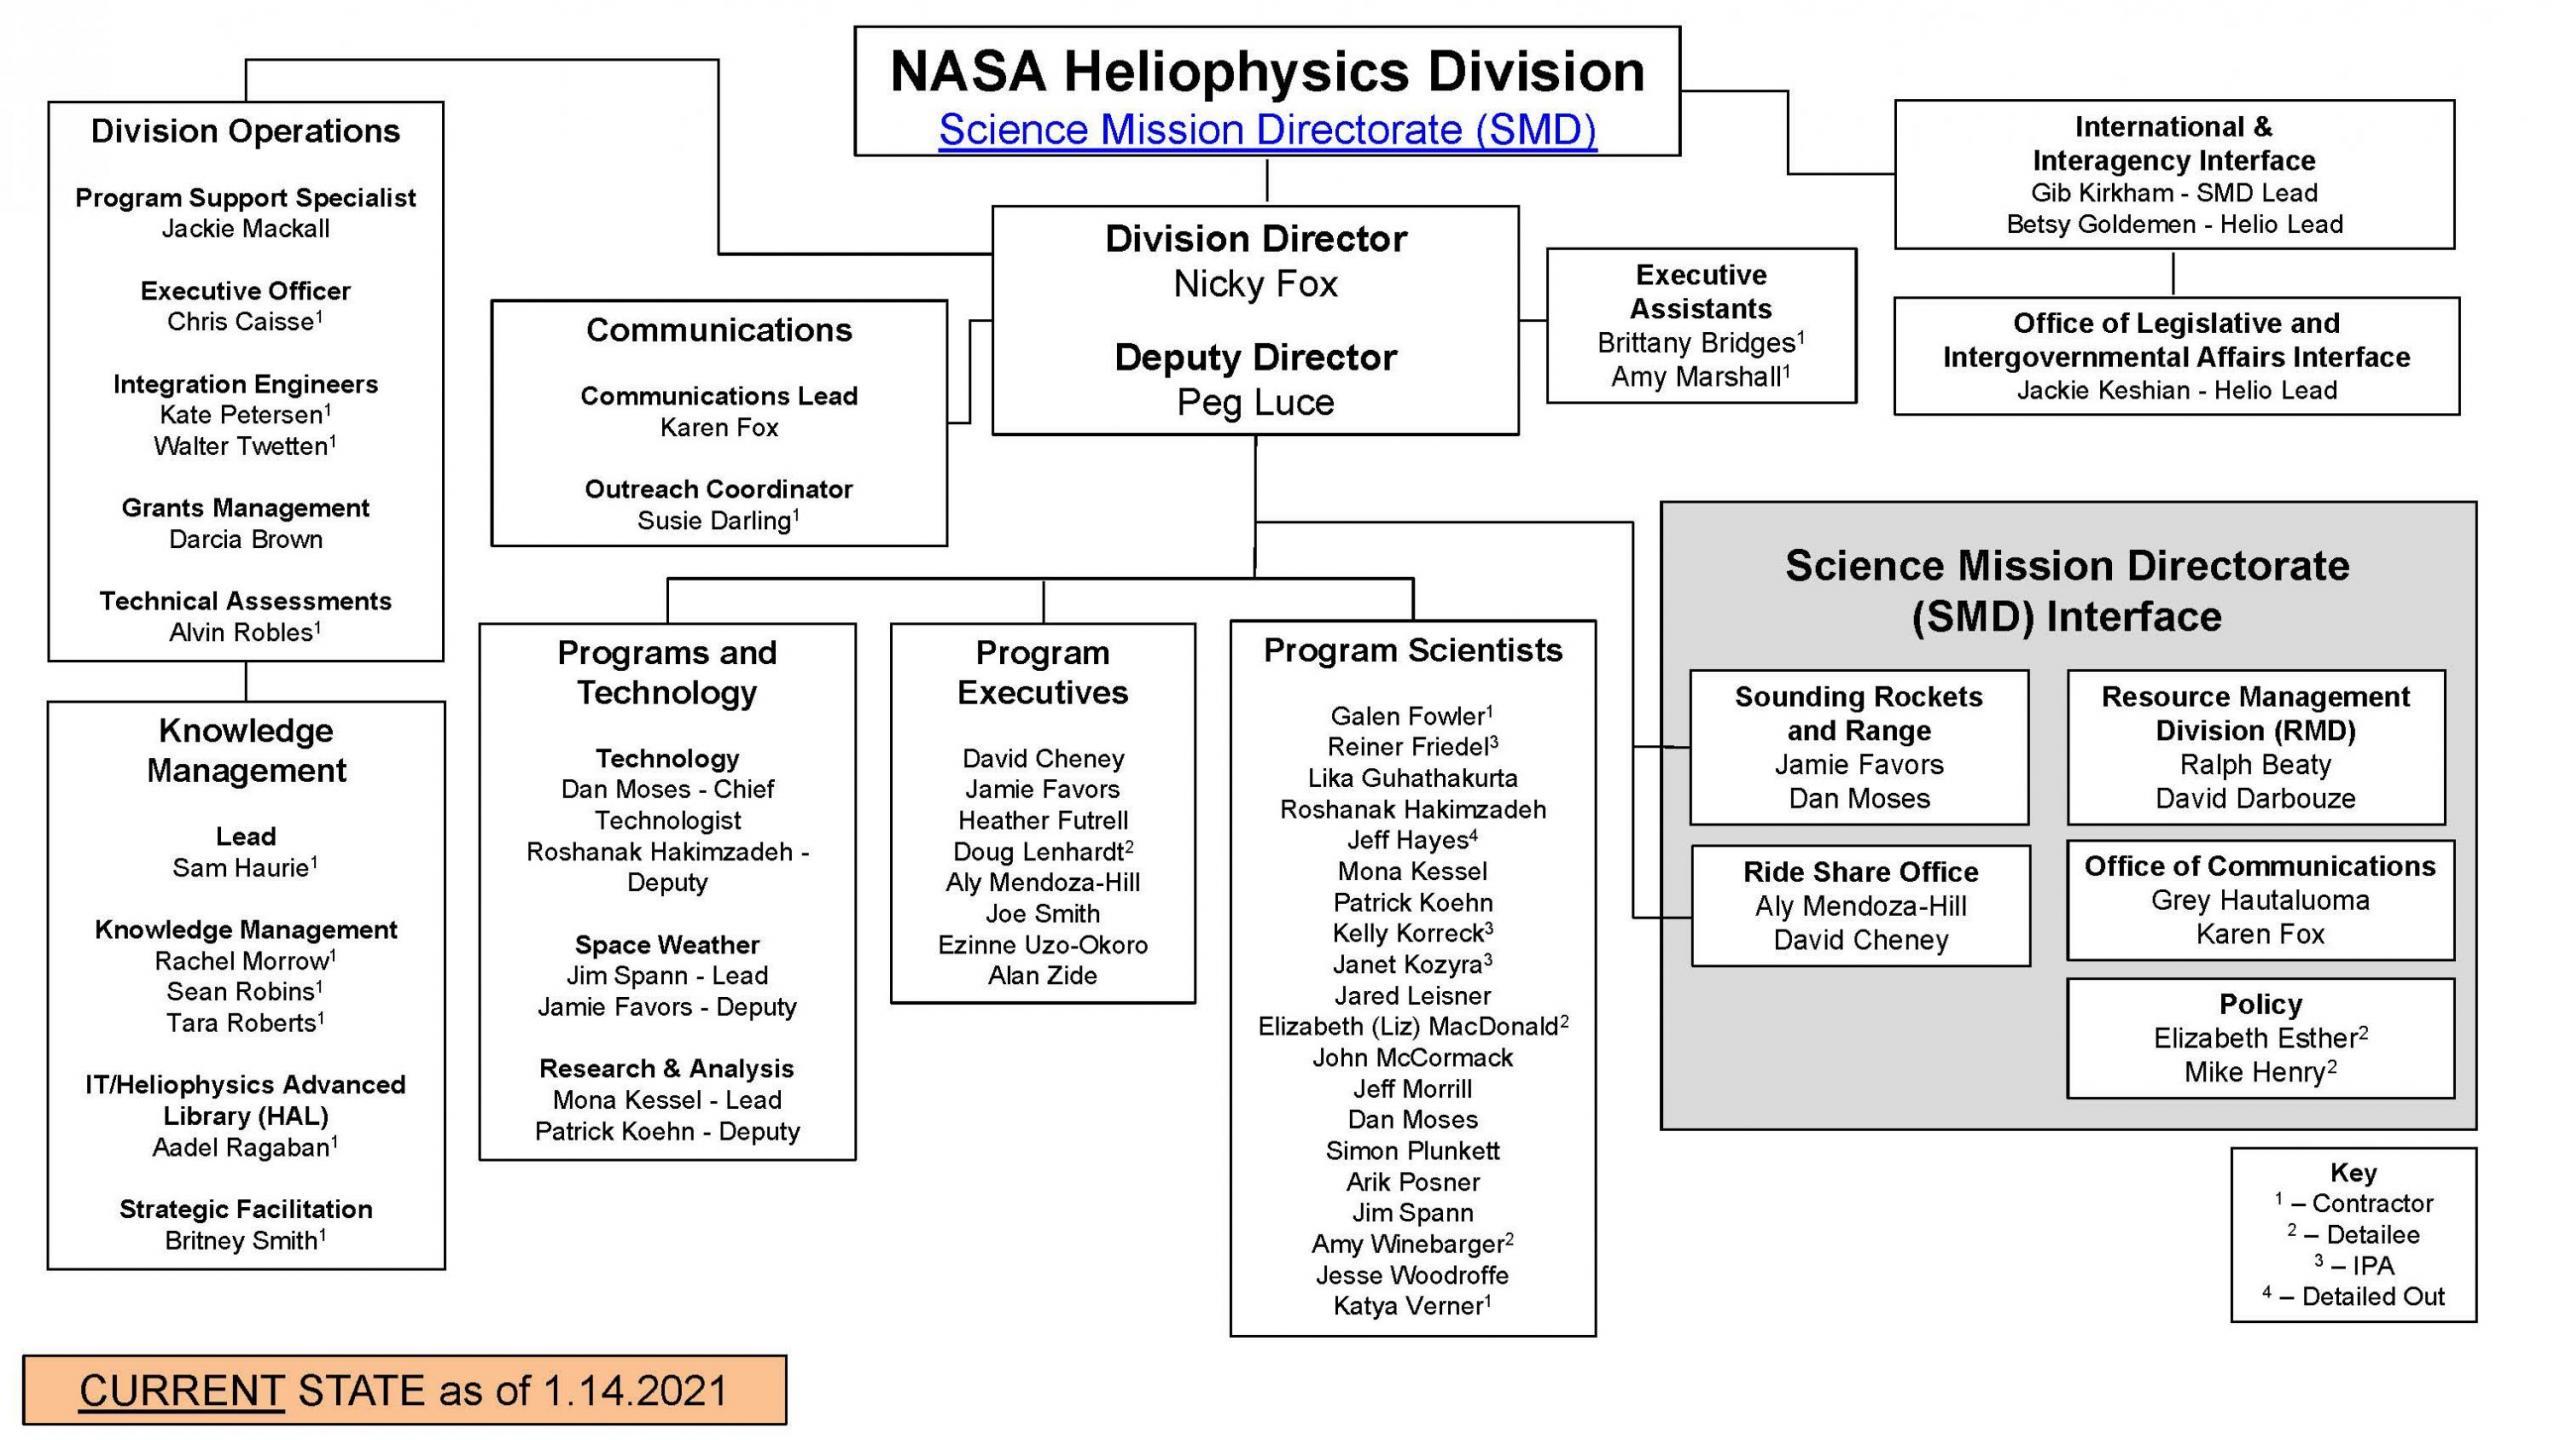 heliophysics-org-chart-5-24-2019.jpg